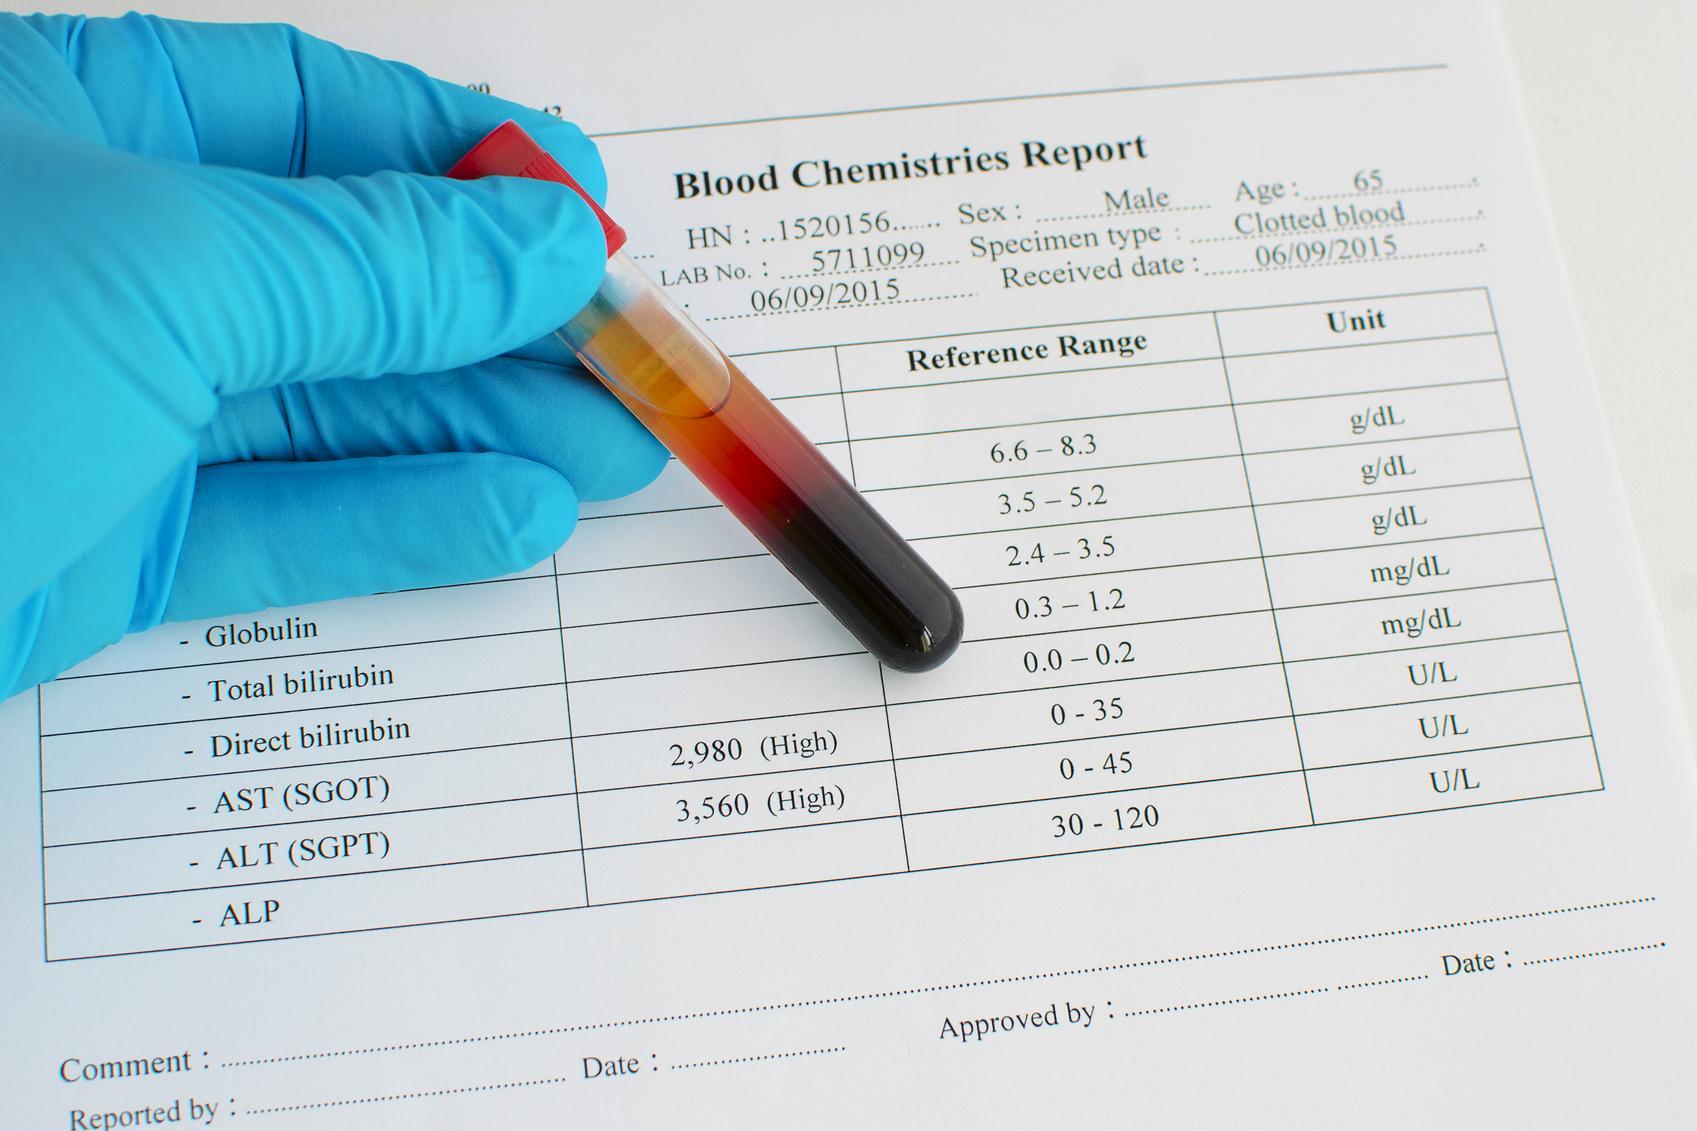 Resultados analítica de sangre